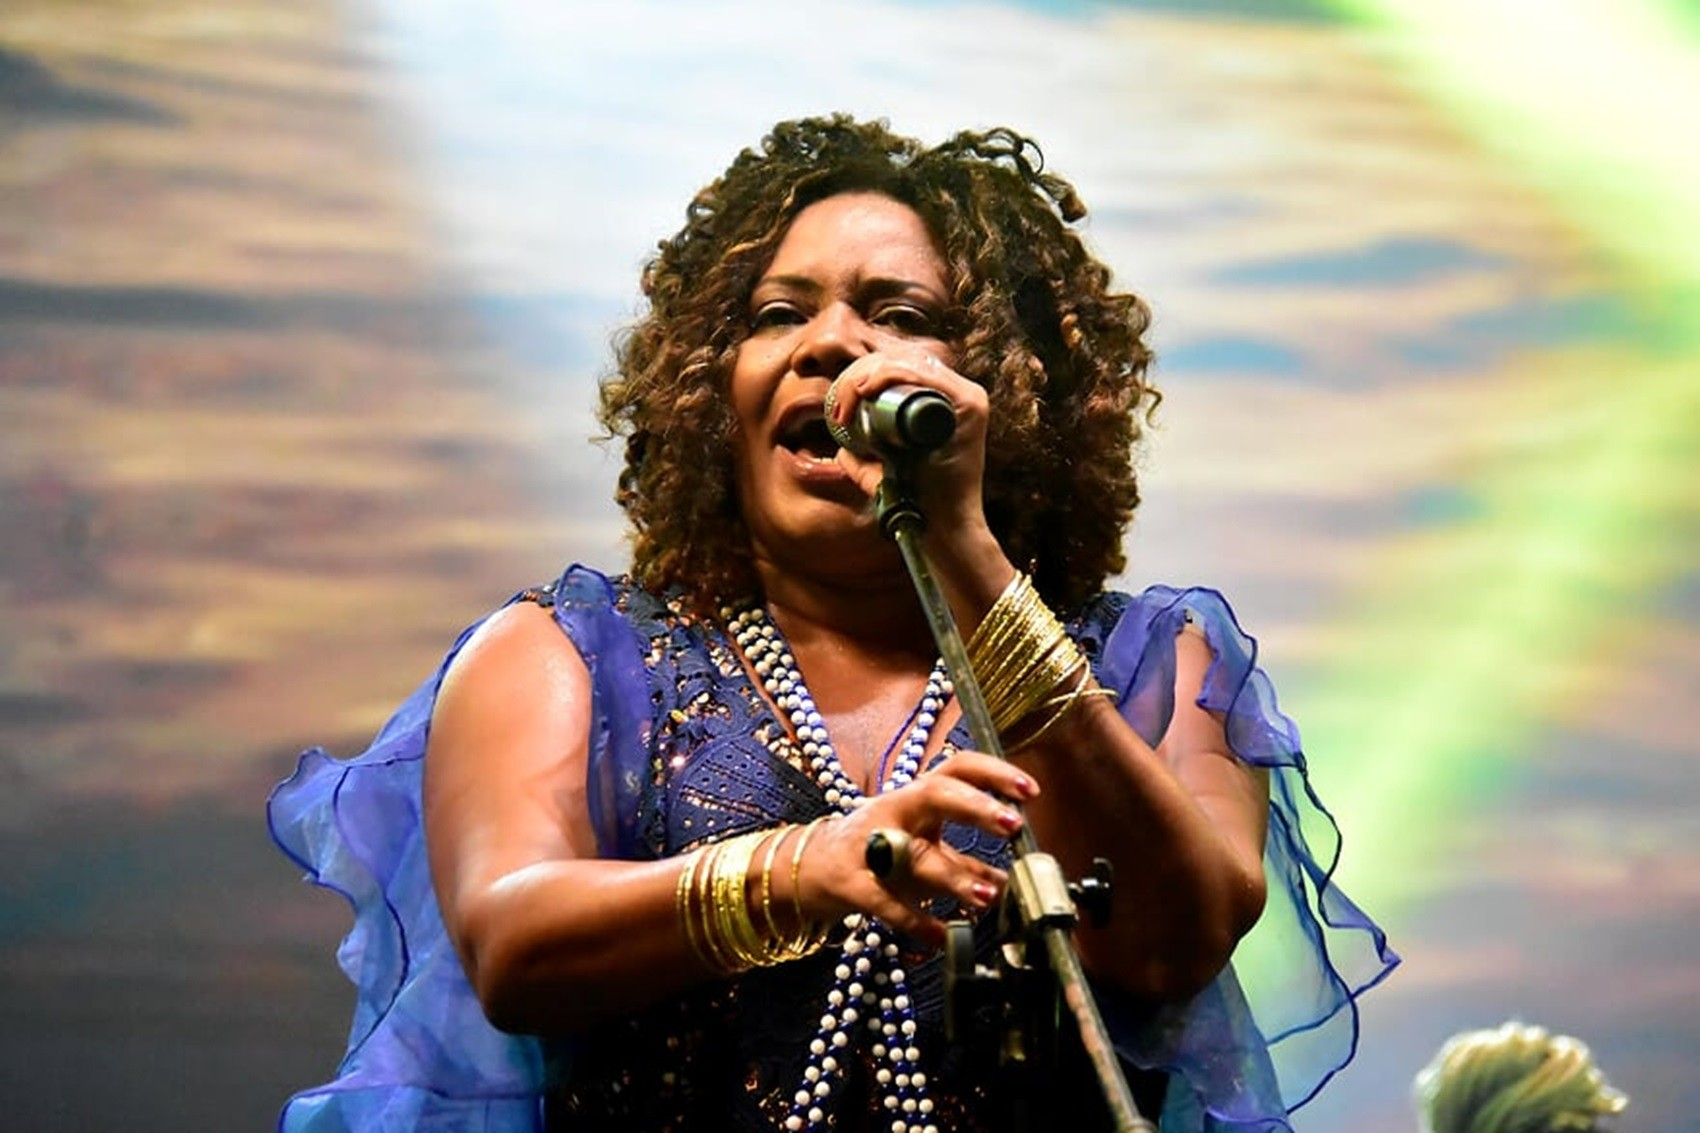 Segunda tem Margareth Menezes, Mano Walter e Trio do Reggae no carnaval de São Luís; veja programação